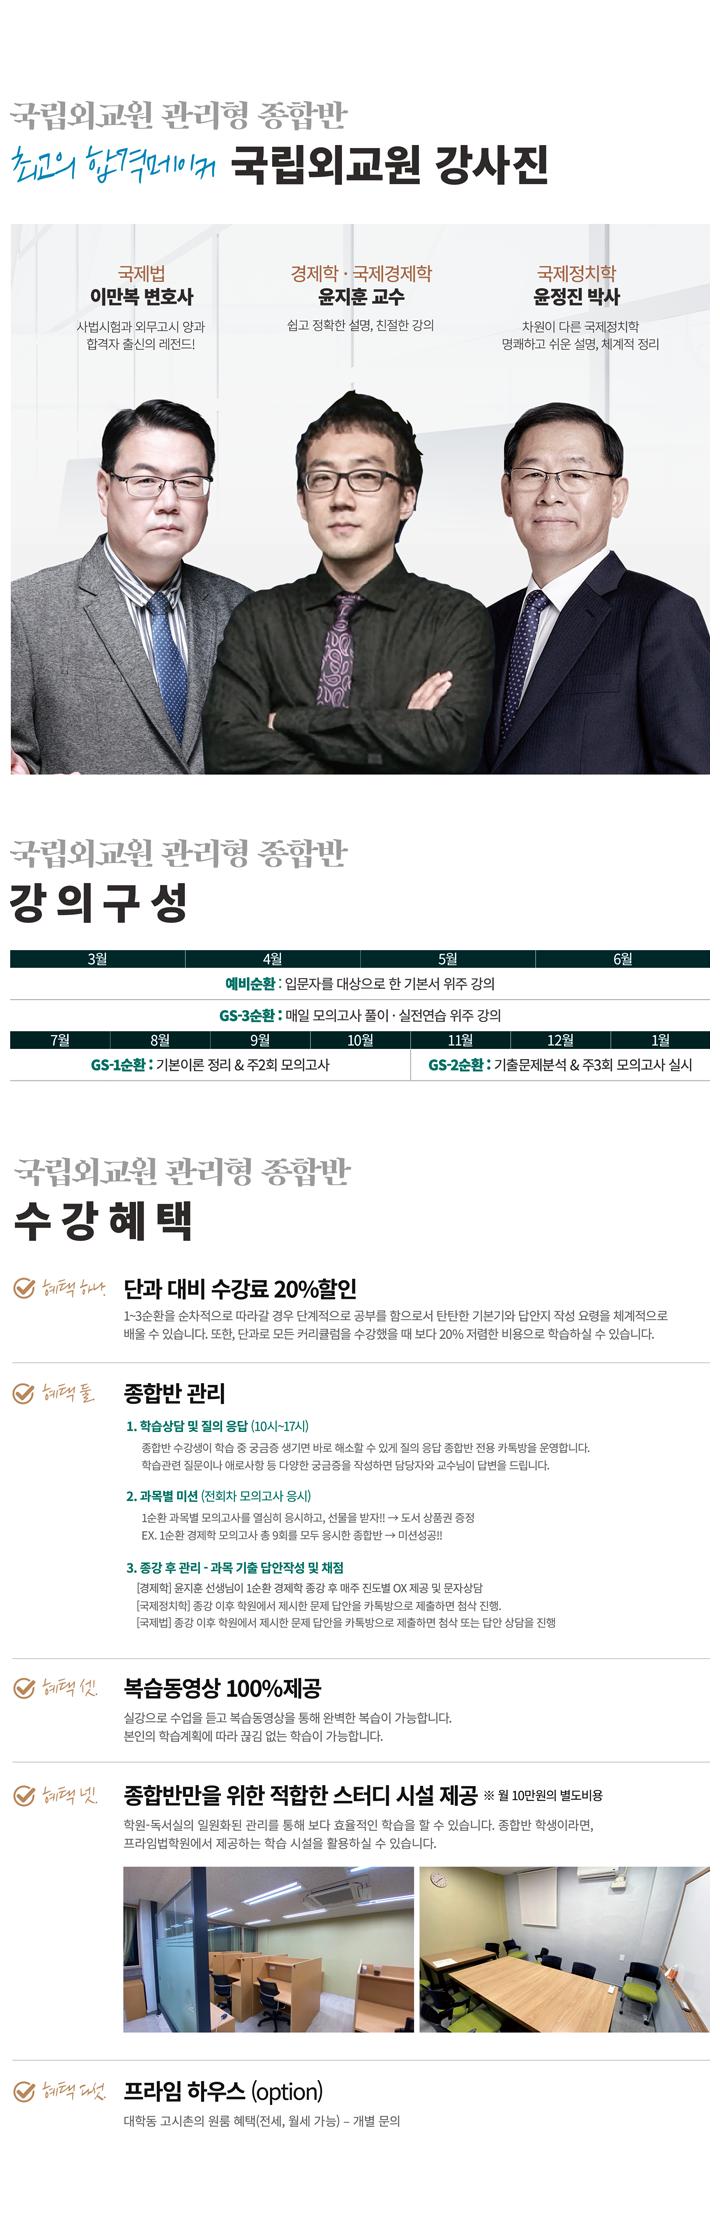 프라임 국립외교원 소수정예 관리형 종합반